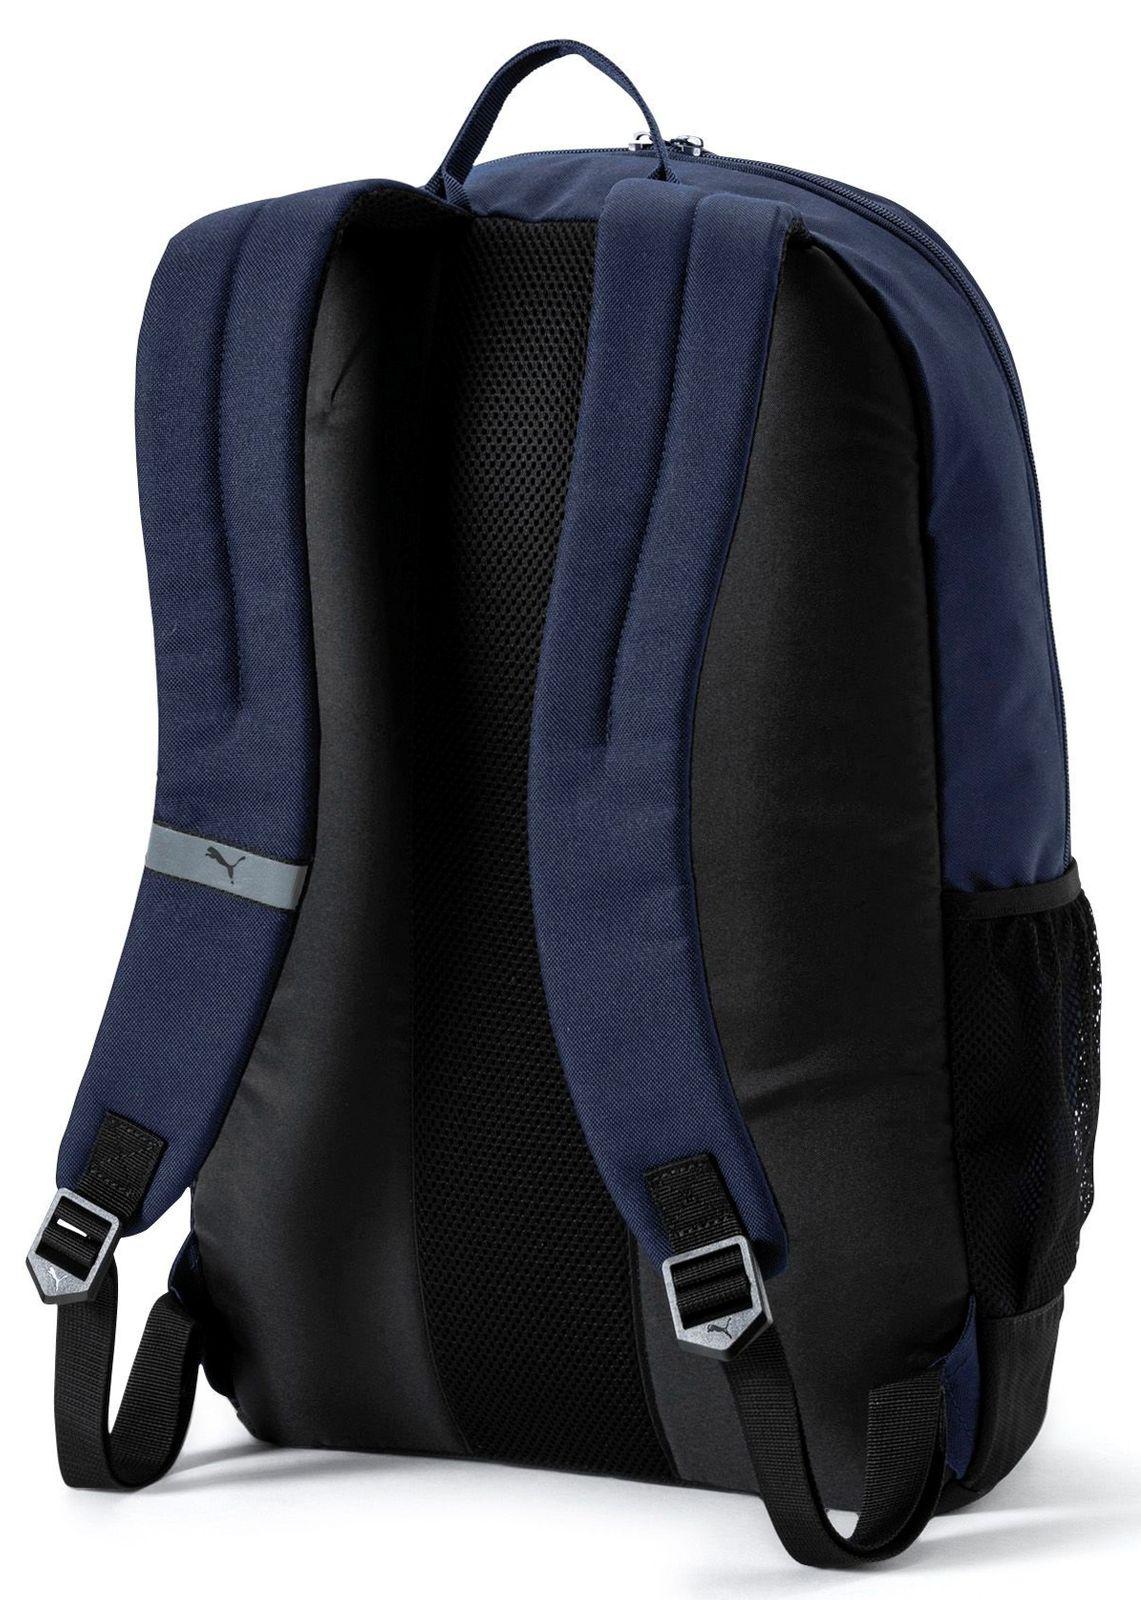 ea830611ca632 PUMA Deck Backpack Rucksack Tasche Peacoat Blau Rot Neu